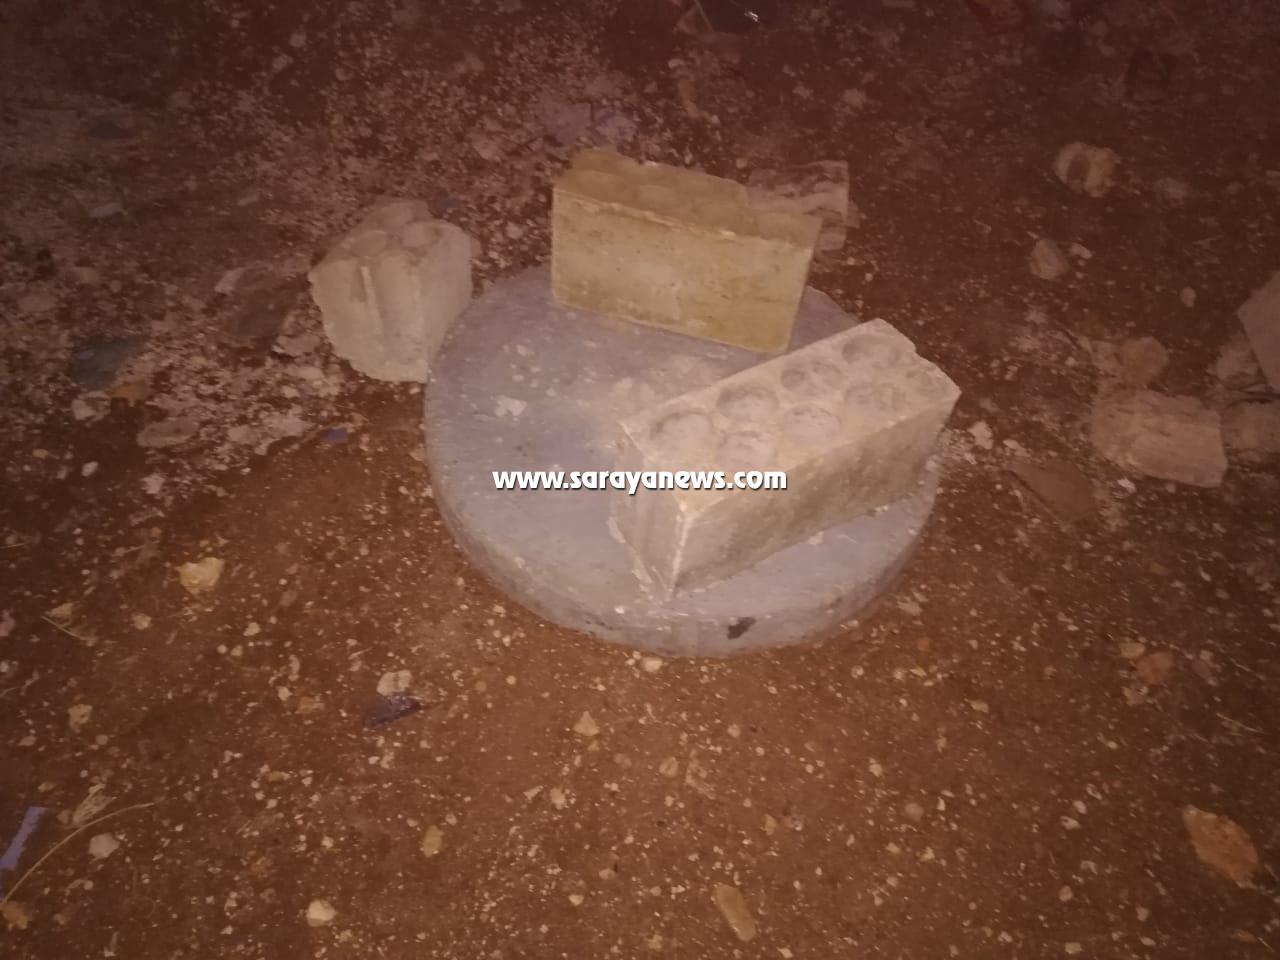 بعد نشر سرايا : الامانة تقوم باغلاق حفرة صرف صحي مغلقة بشكل خاطئ في المقابلين  .. صورة